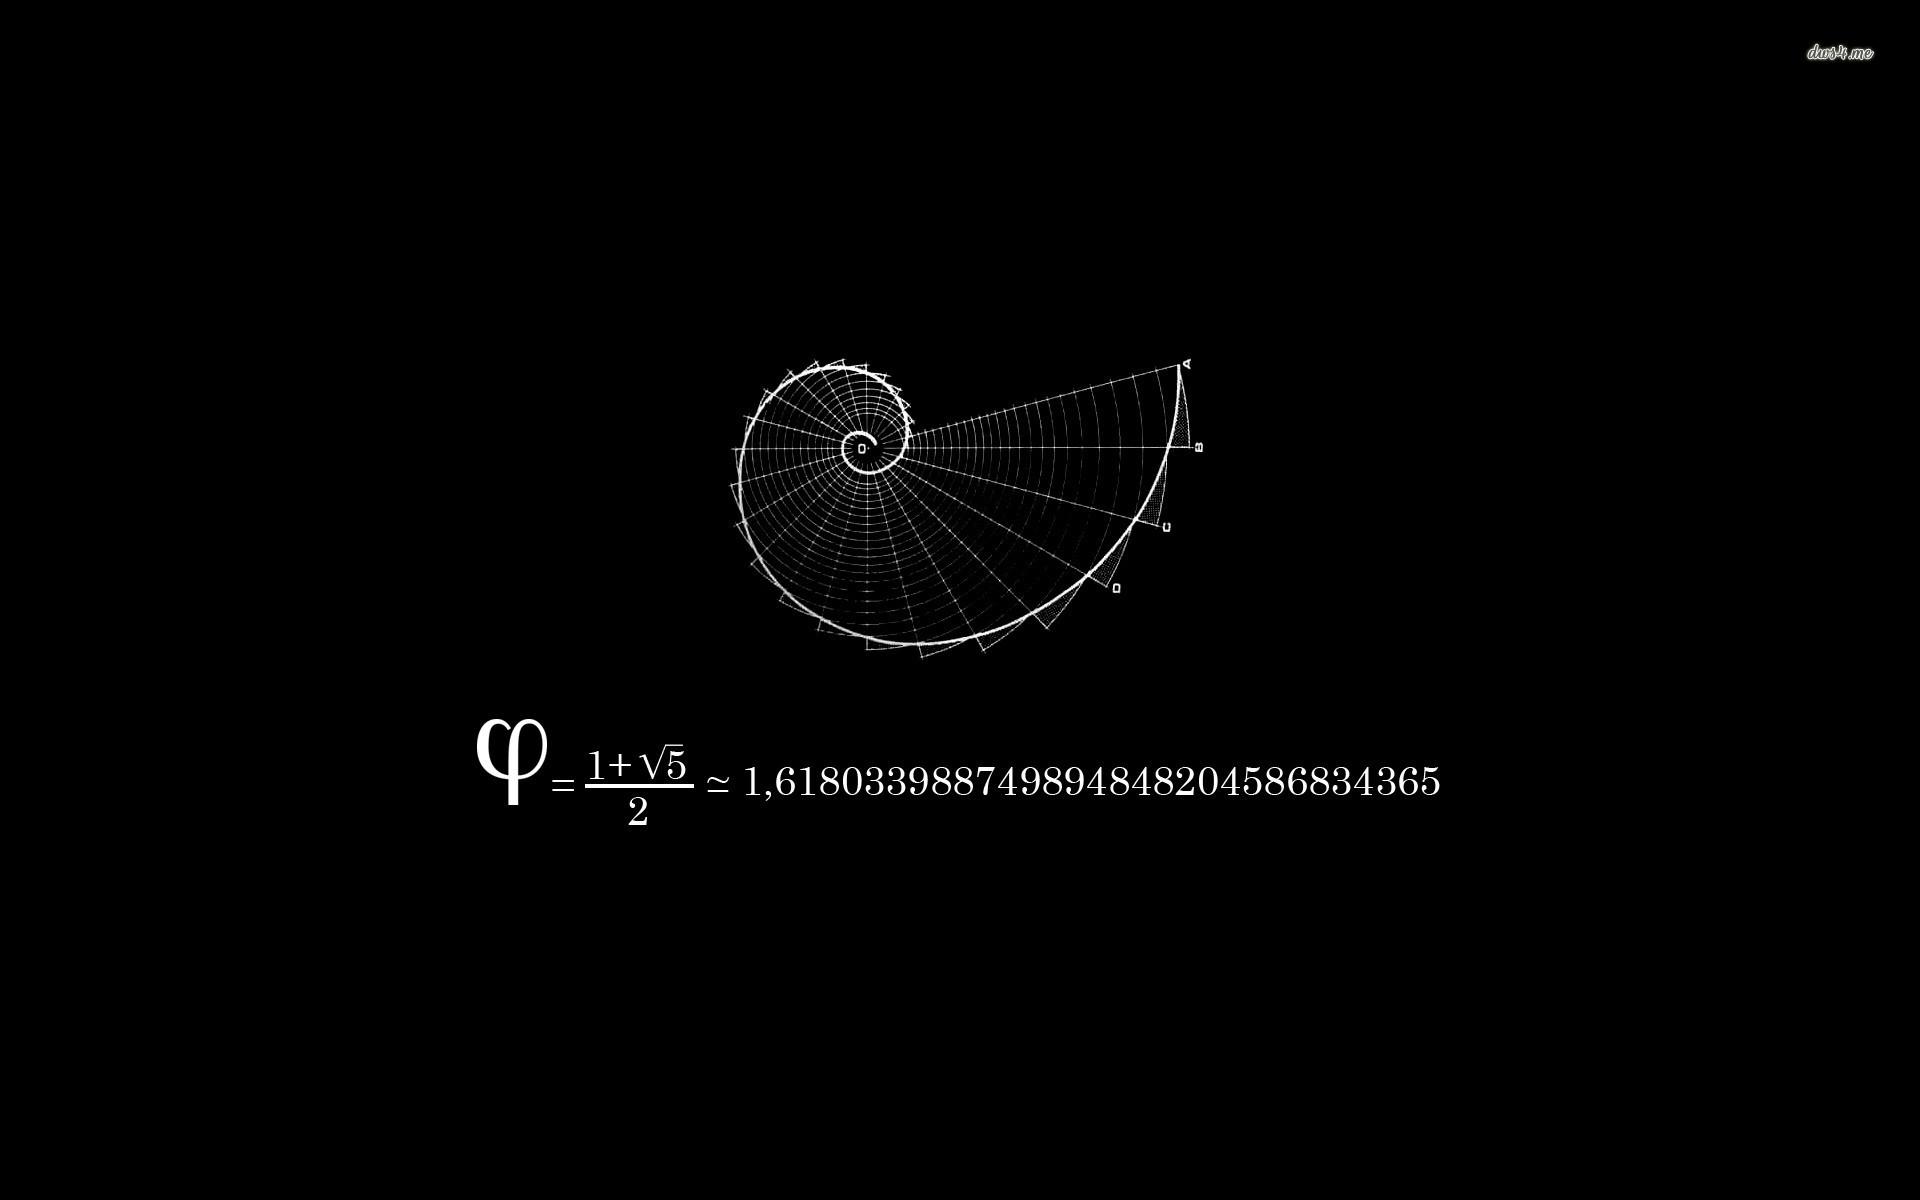 Love Equation Wallpapers : Math Desktop Wallpaper - WallpaperSafari